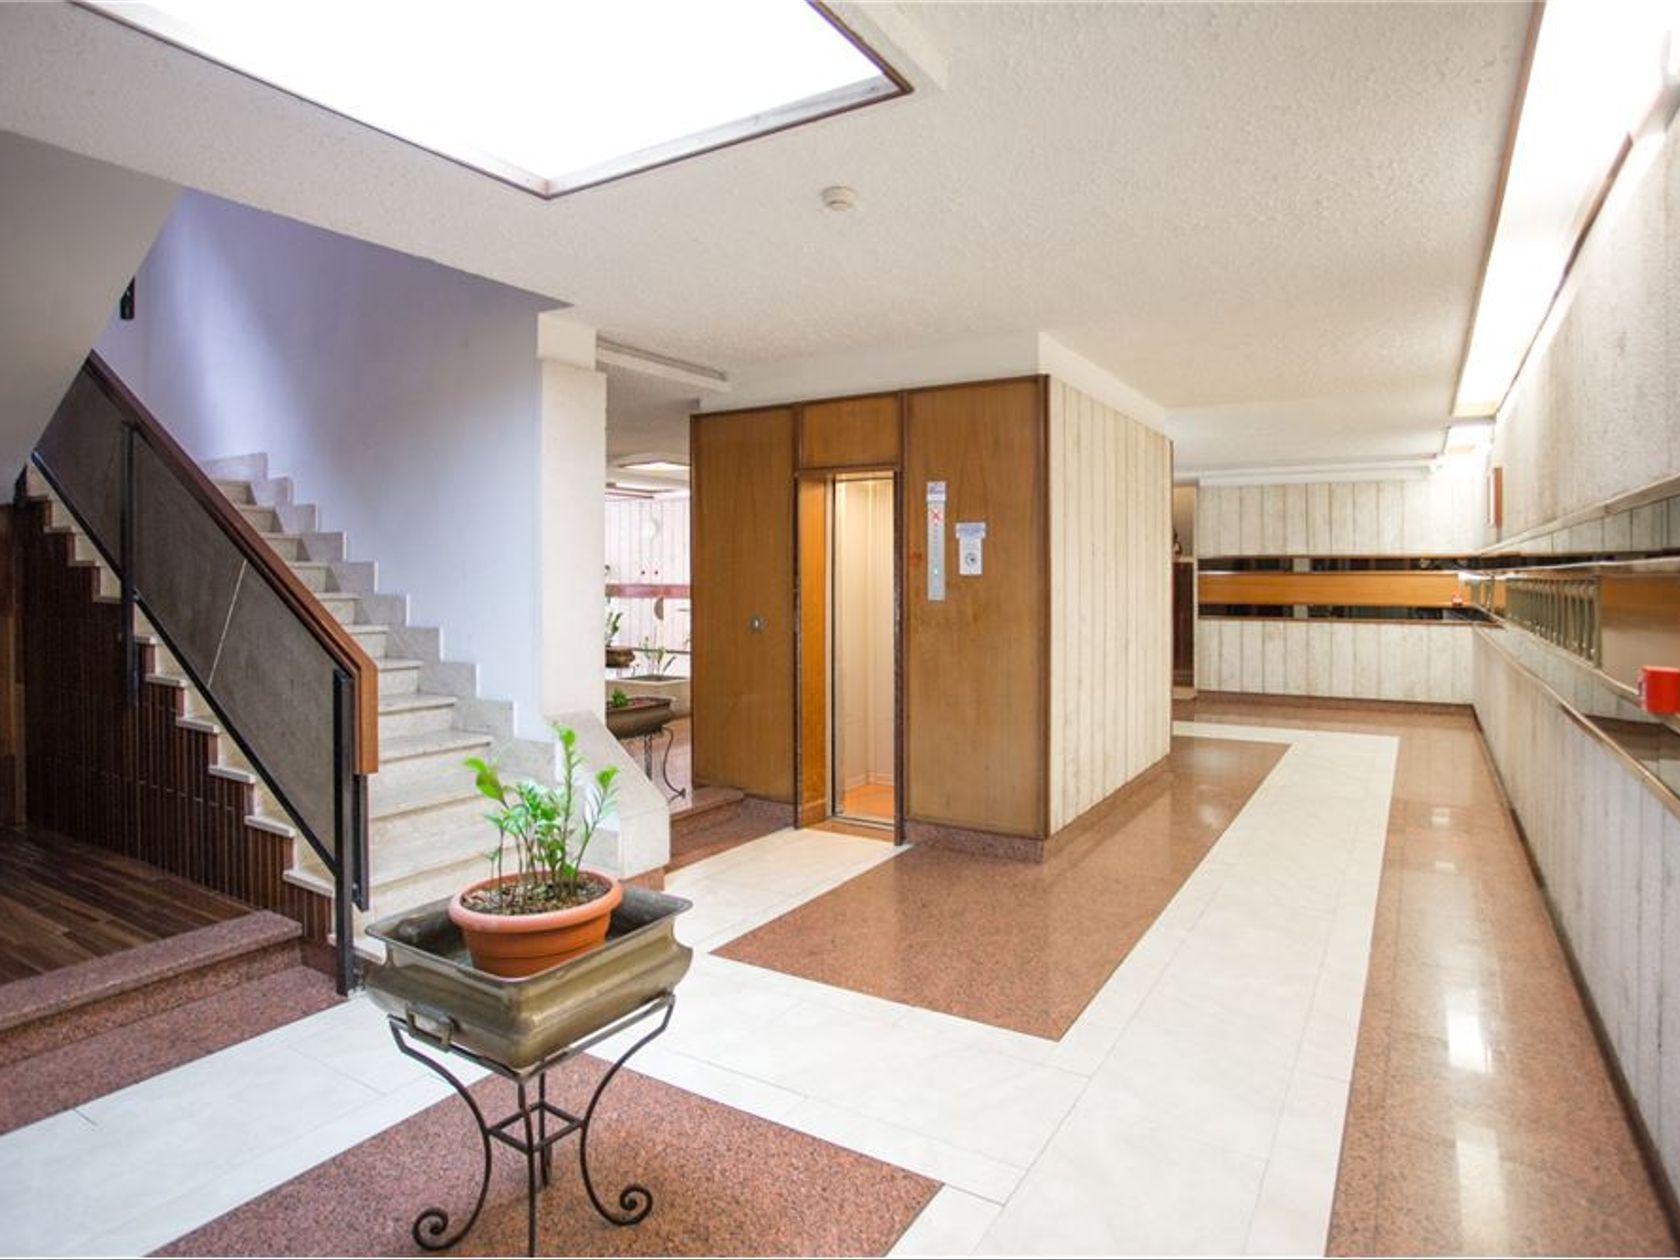 Appartamento In Vendita Firenze 31461027 96 Remax Italia